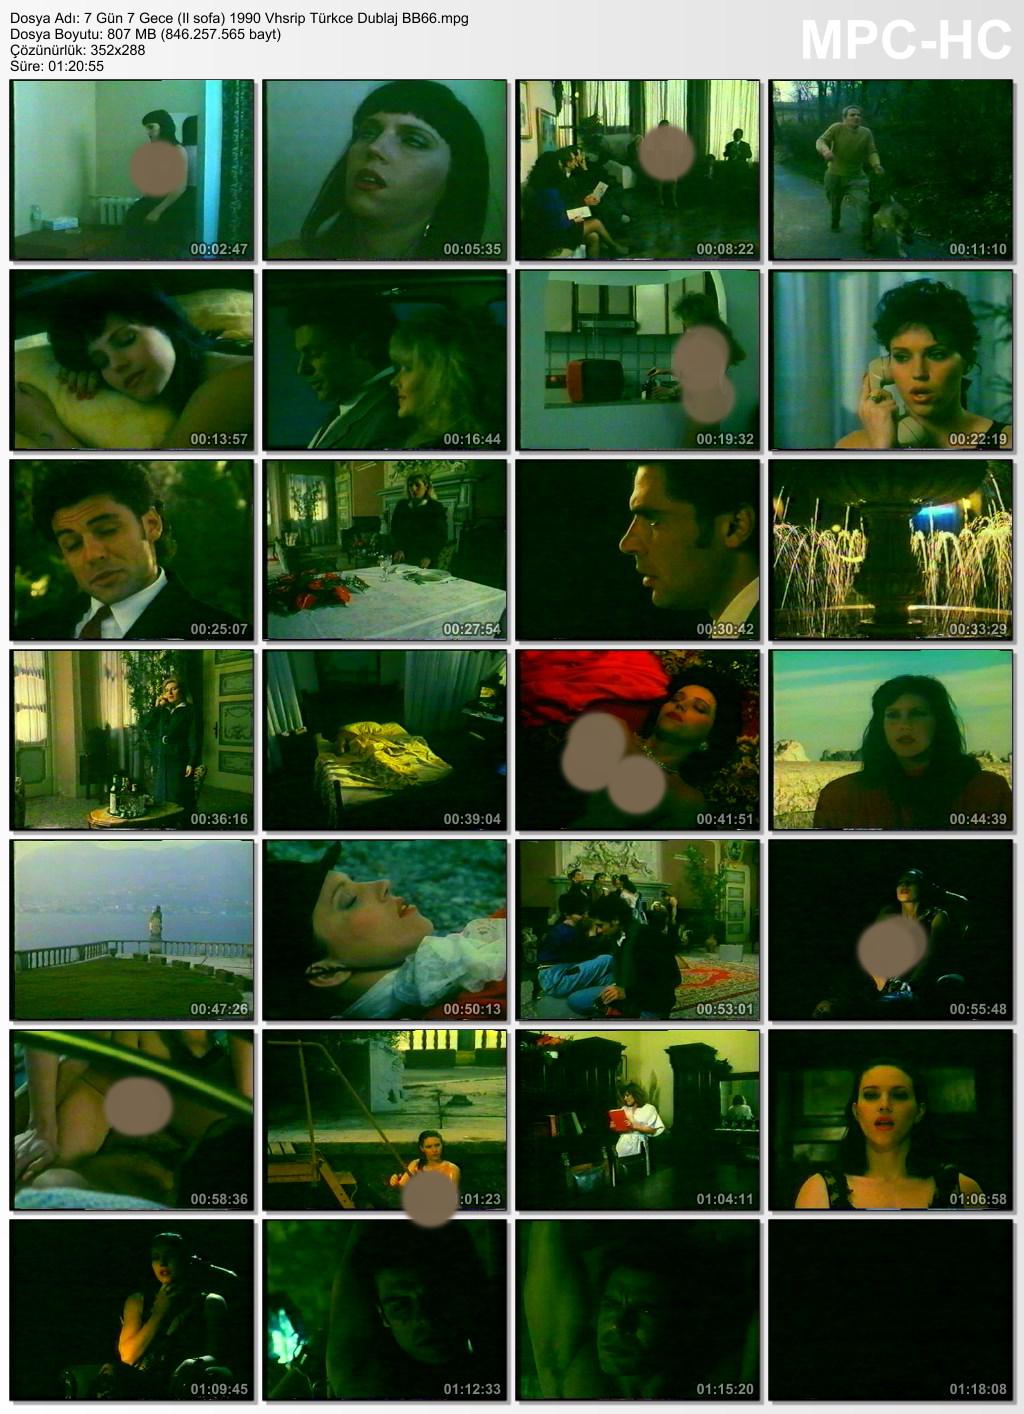 7 Gün 7 Gece (Il sofa) 1990 Vhsrip Türkce Dublaj BB66 (2) - barbarus